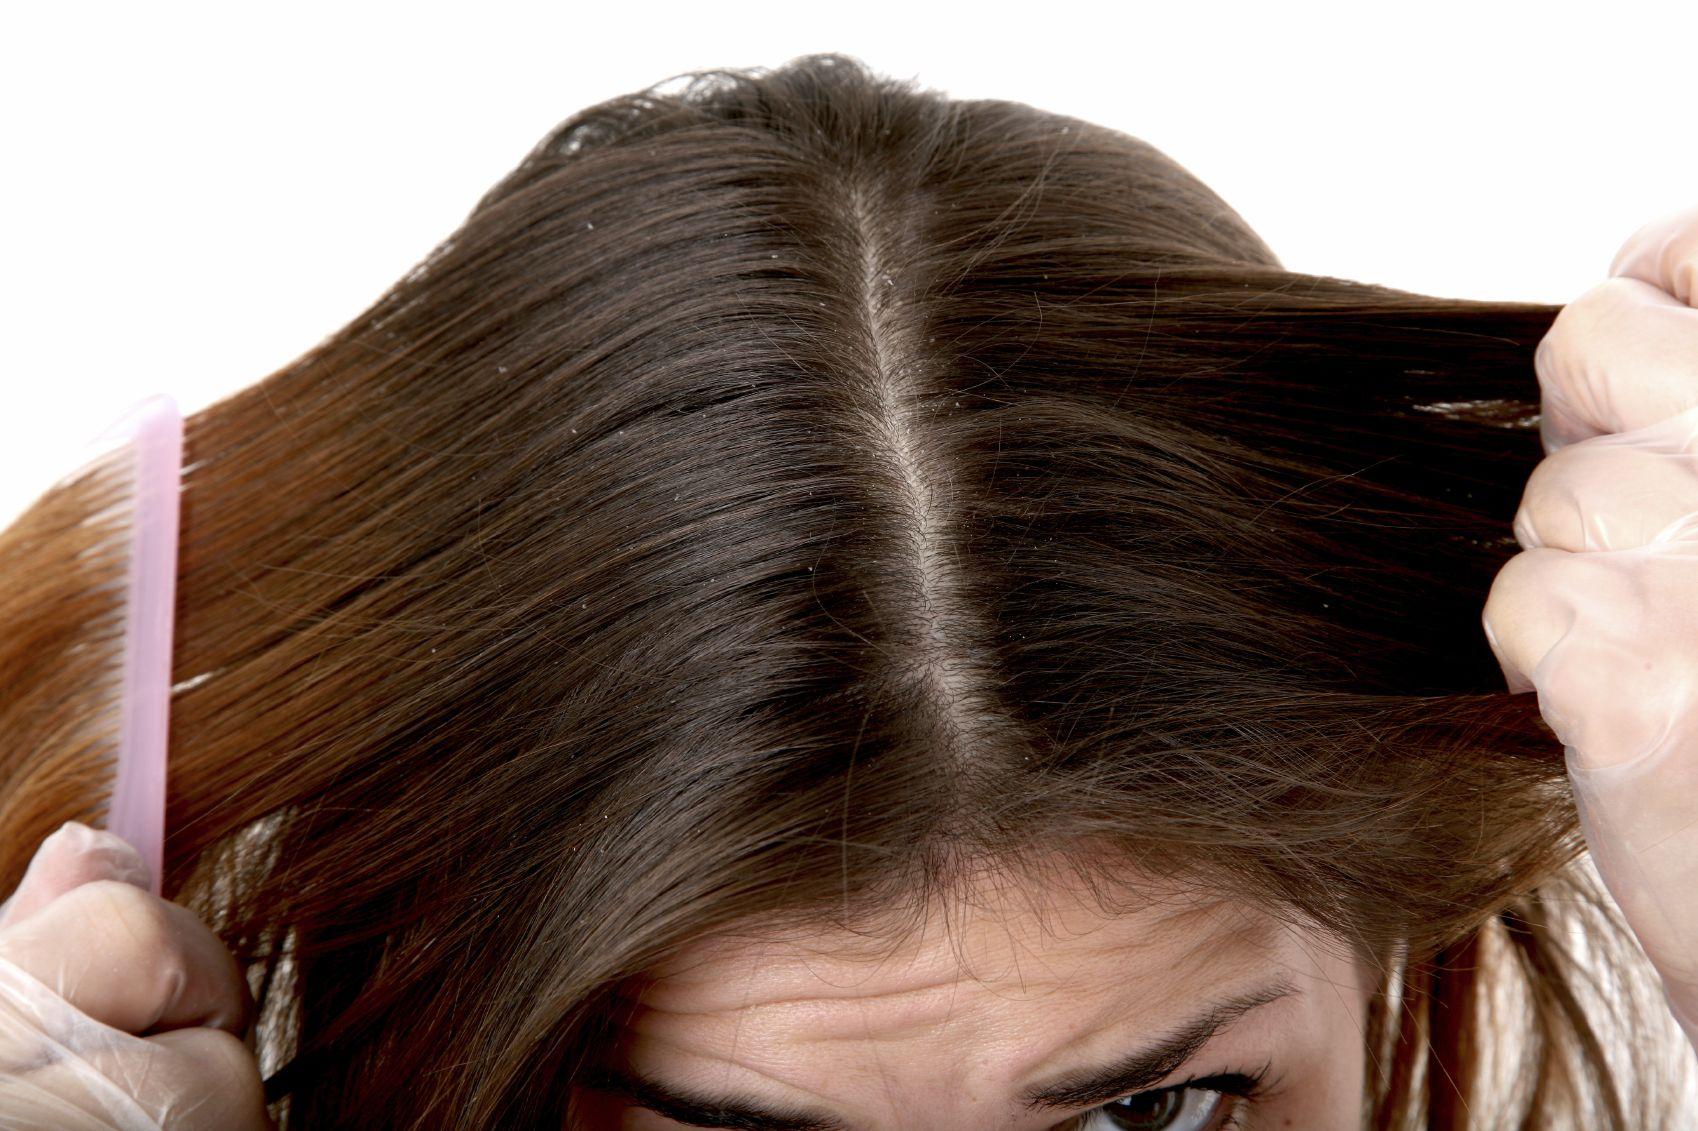 Ce boli pot ascunde mătreața și albirea prematură a părului?